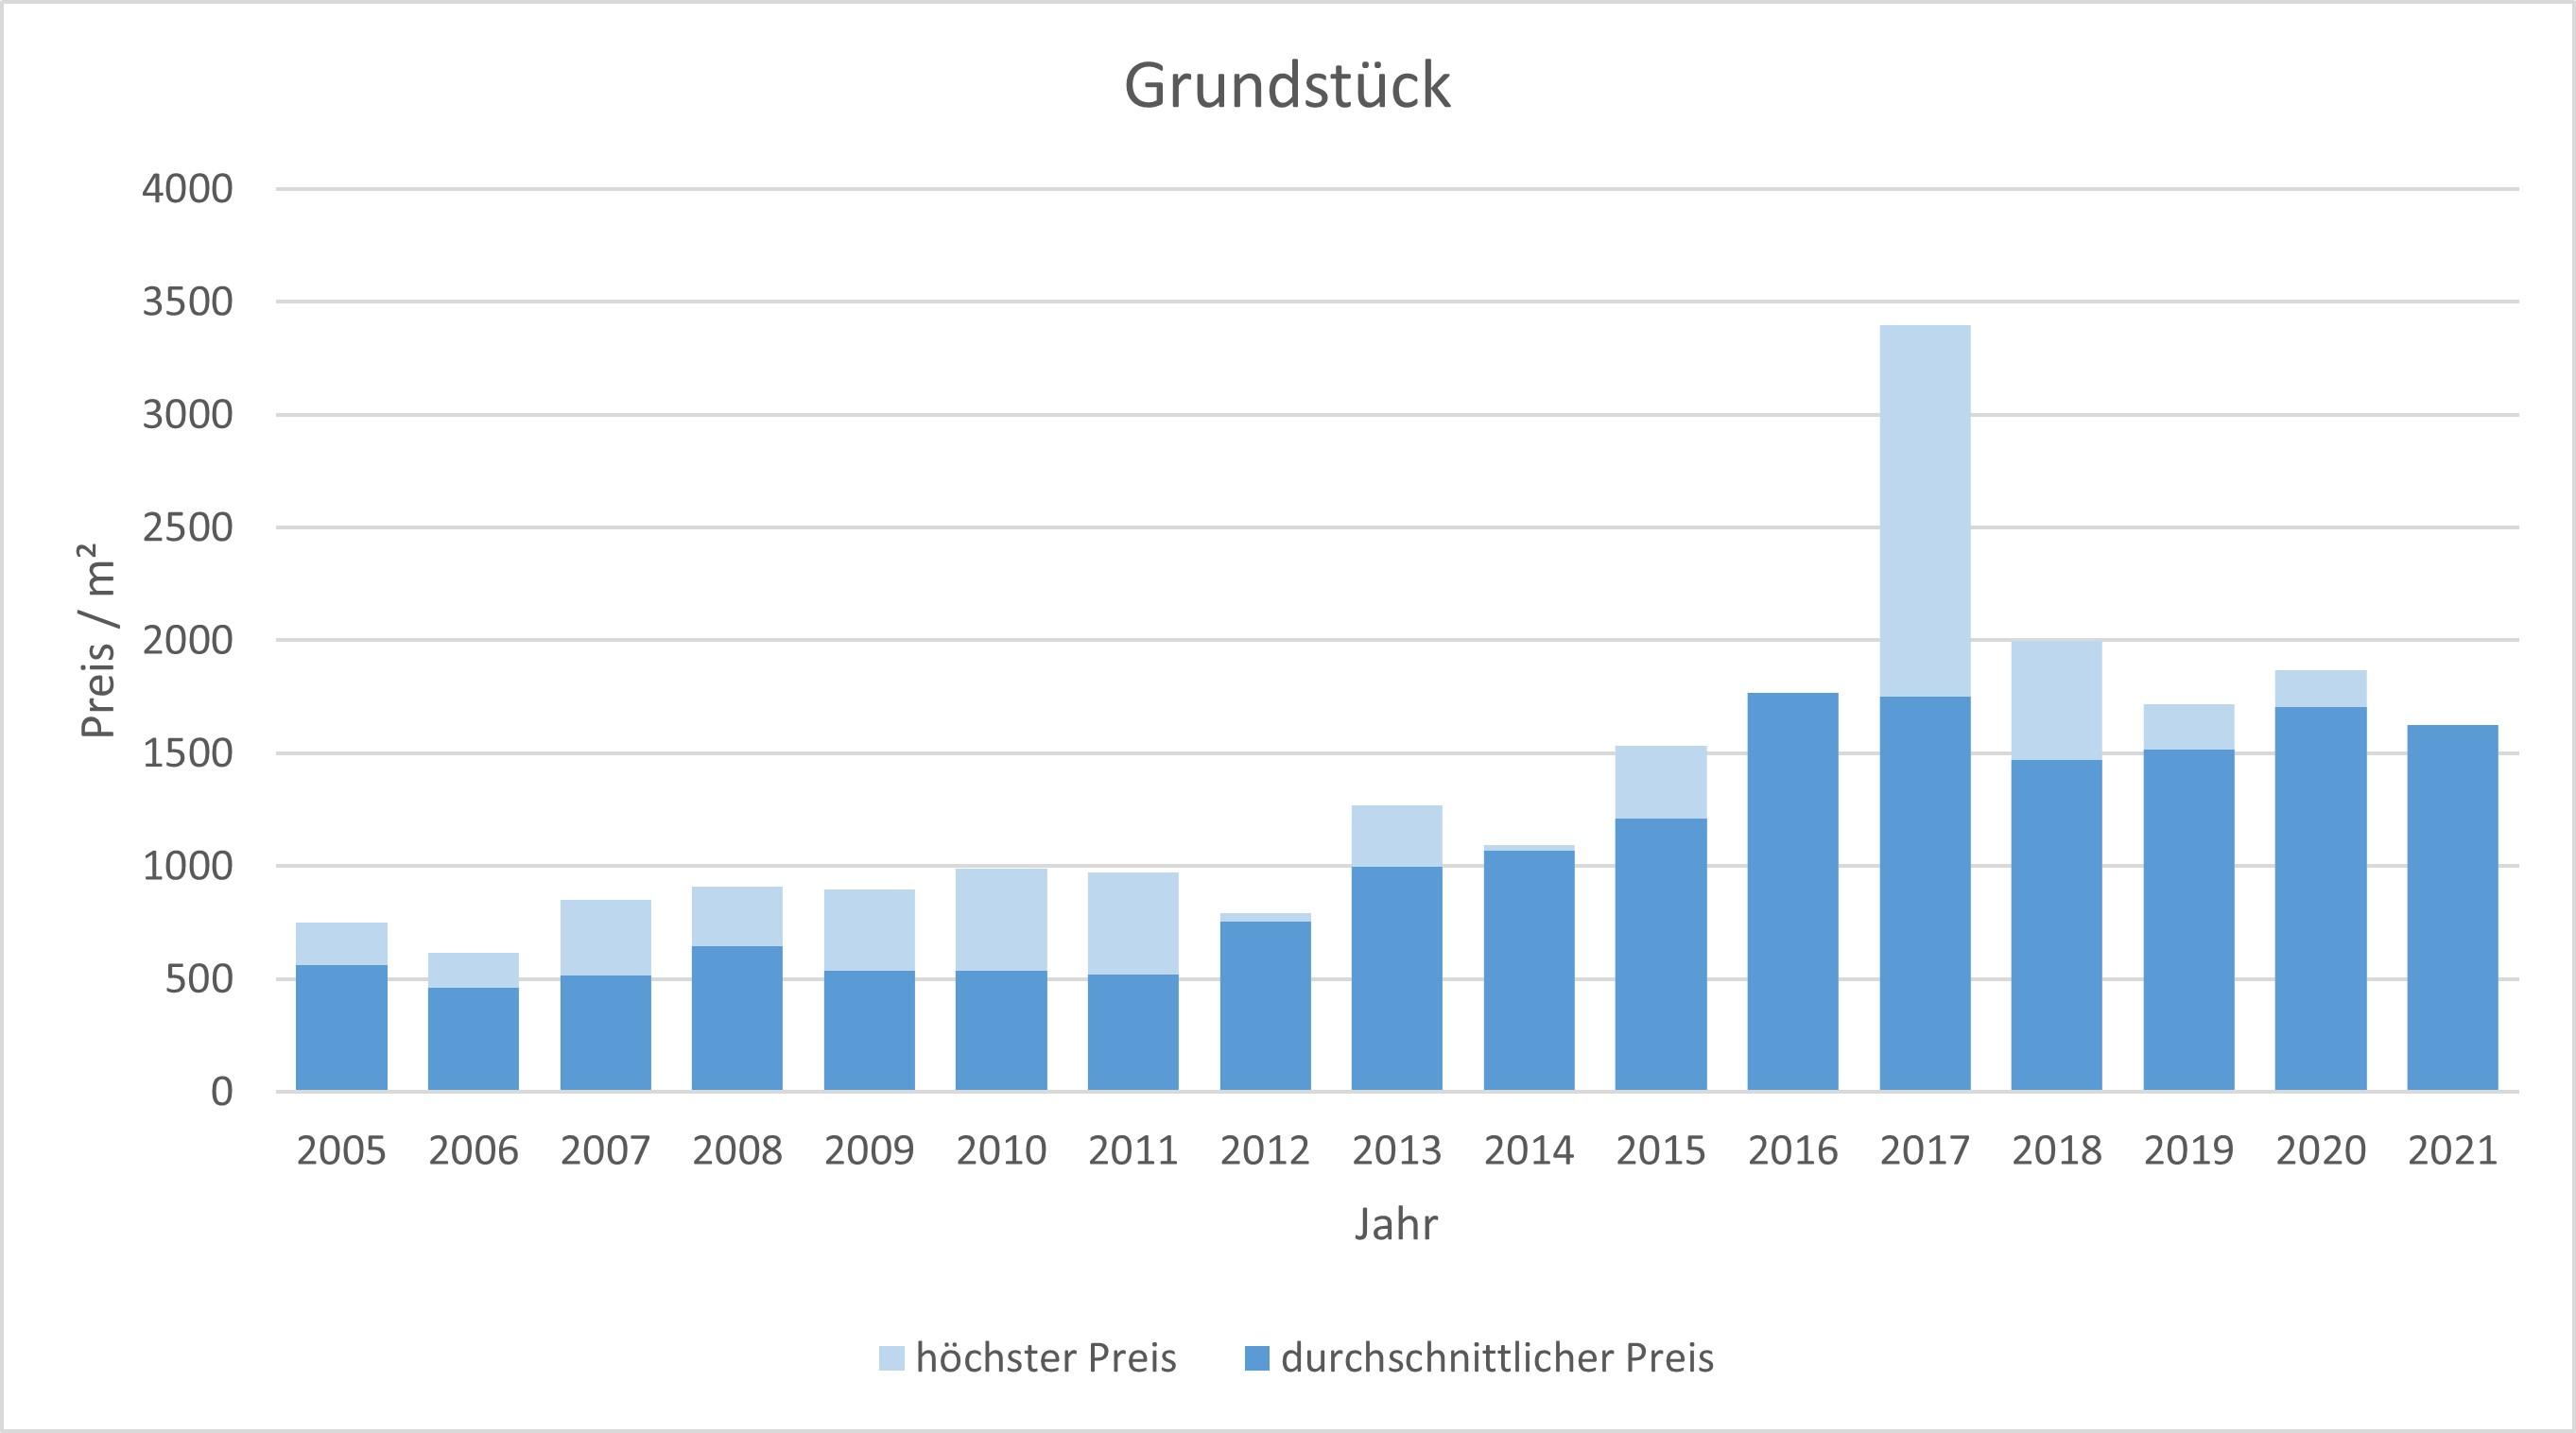 Baierbrunn Makler Grundstück Kaufen Verkaufen Preis Bewertung 2019, 2020, 2021